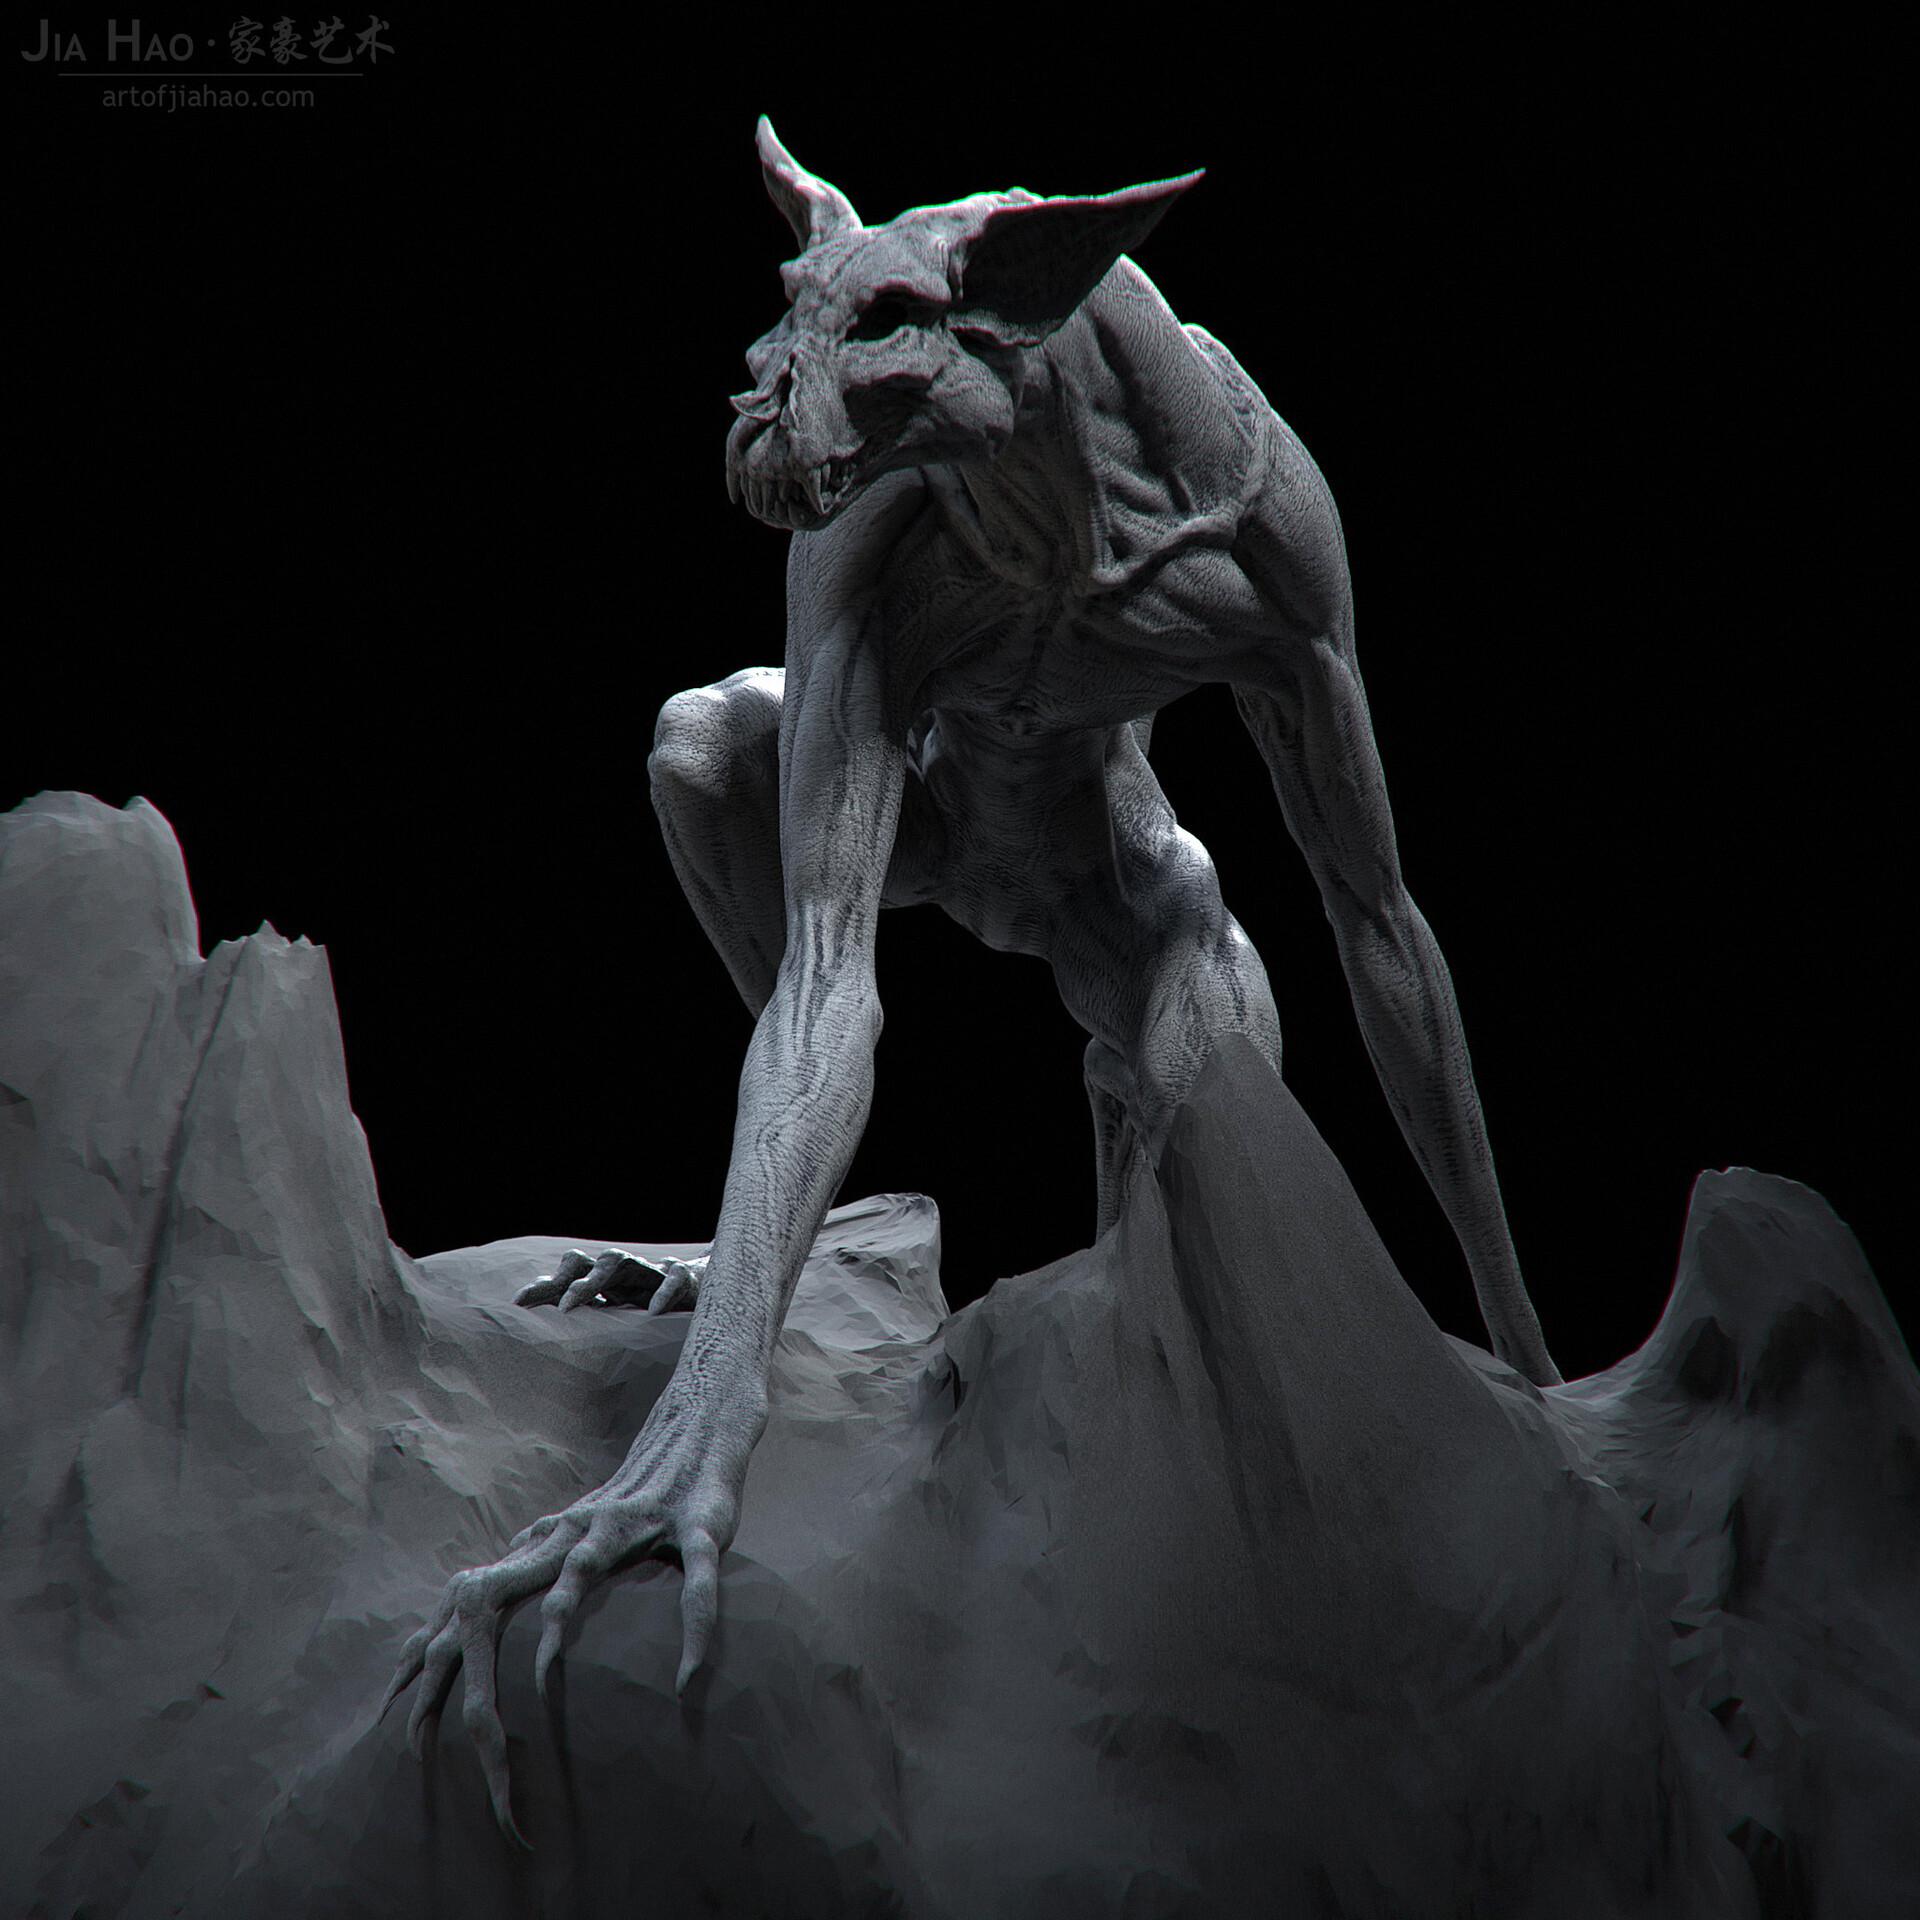 Jia hao 2019 theterror model 11